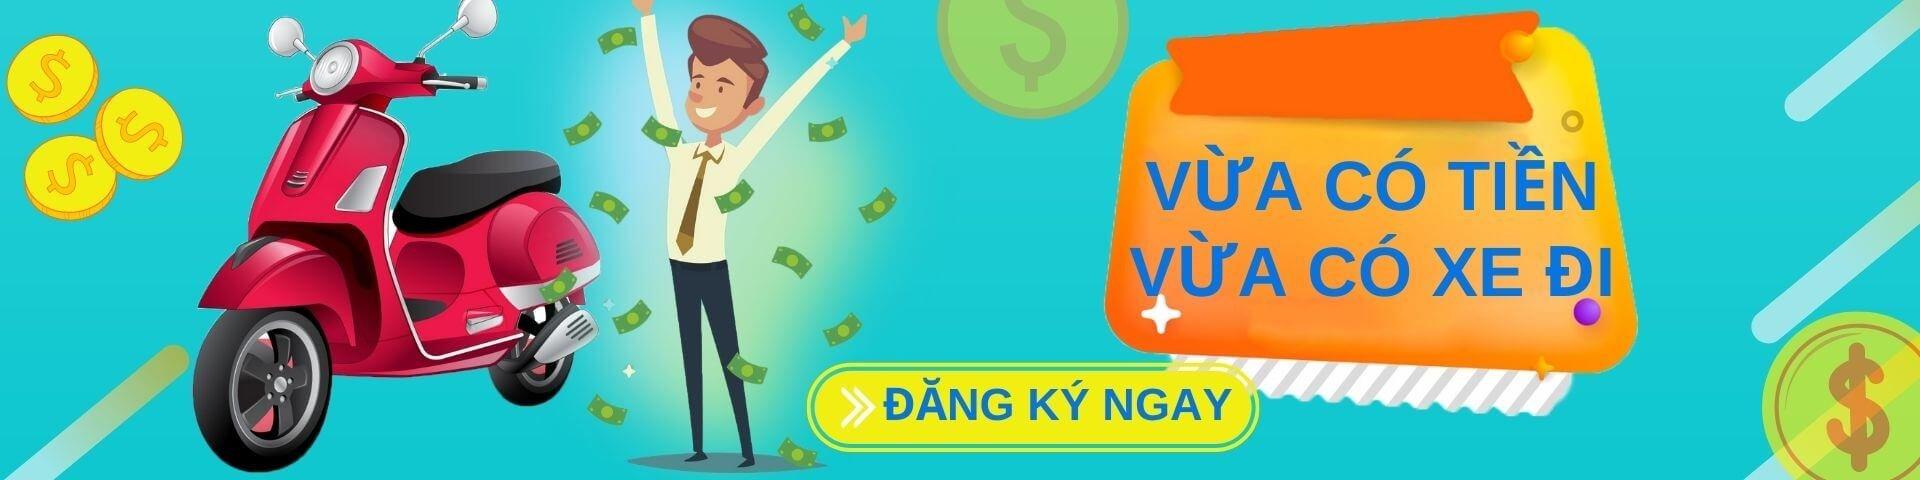 Đồng Shop Sun hỗ trợ vay tiền bằng cà vẹt xe máy